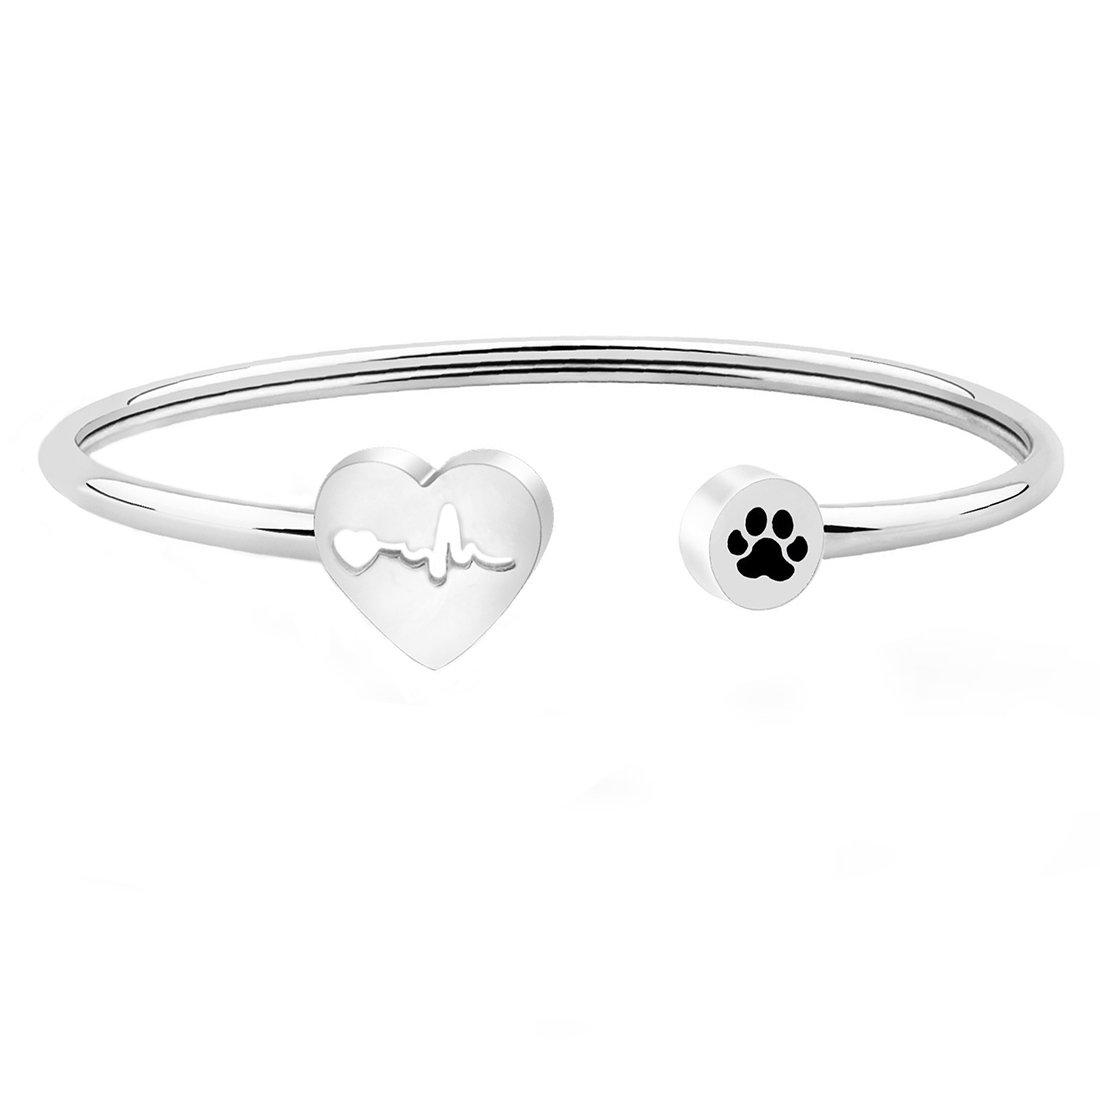 WUSUANED Heart Beat Dog Paw Cuff Bracelet Vet Tech Jewelry Gift for Veterinarian Nurse Vet Students (vet bracelet)